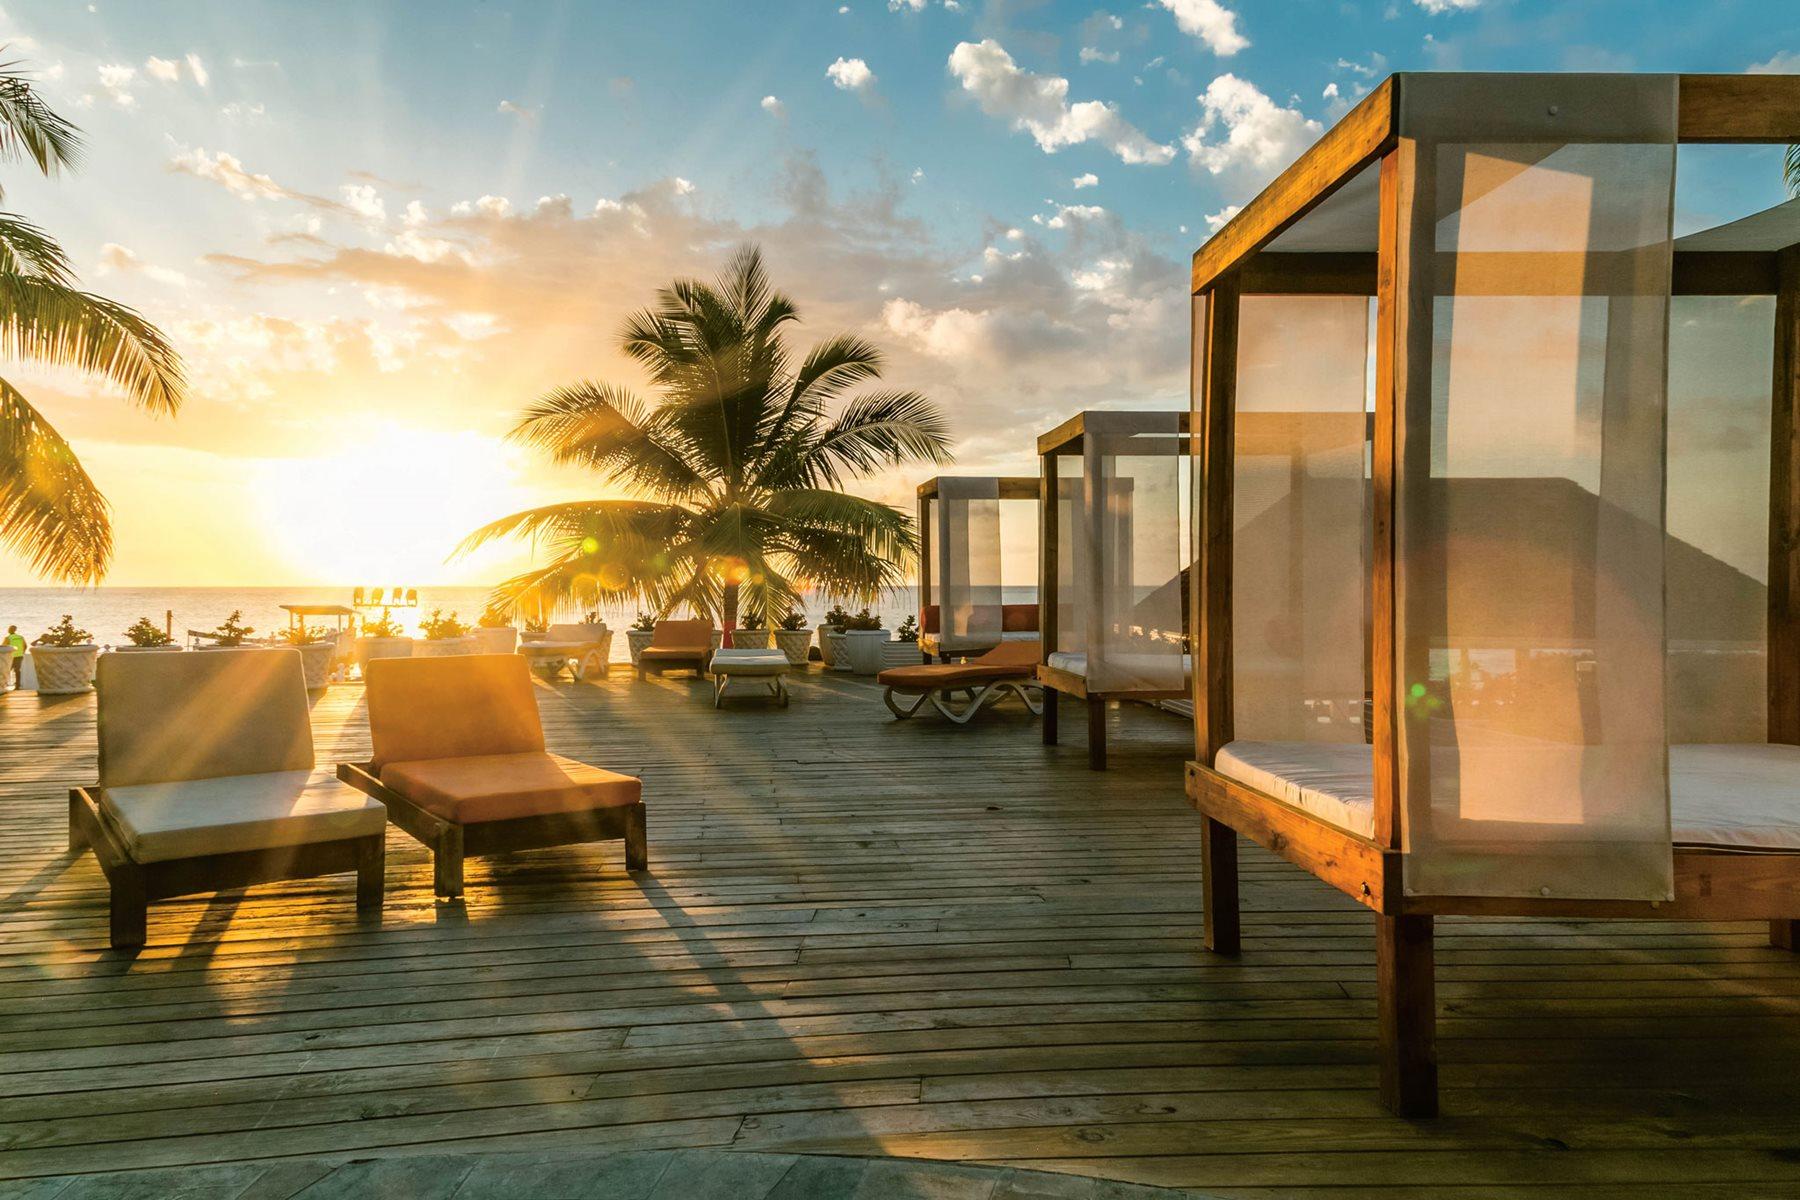 5 hôtels en Jamaïque pour 5 types de voyageurs